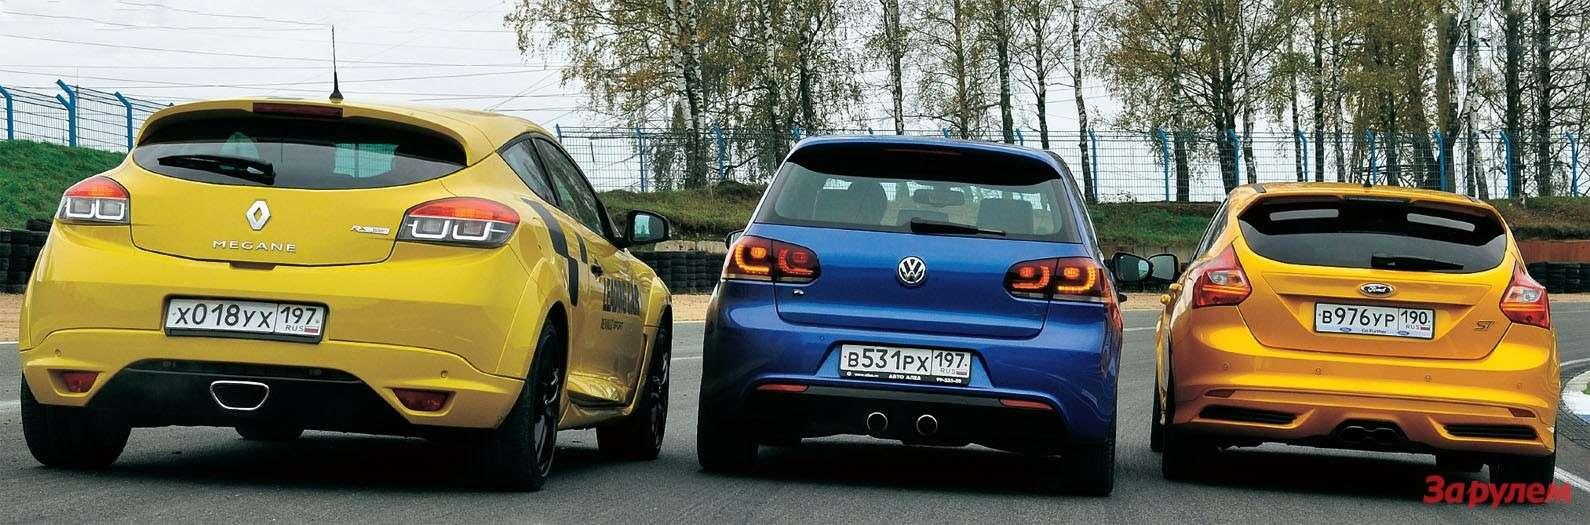 Ford Focus ST, Renault Megane RS, Volkswagen Golf R